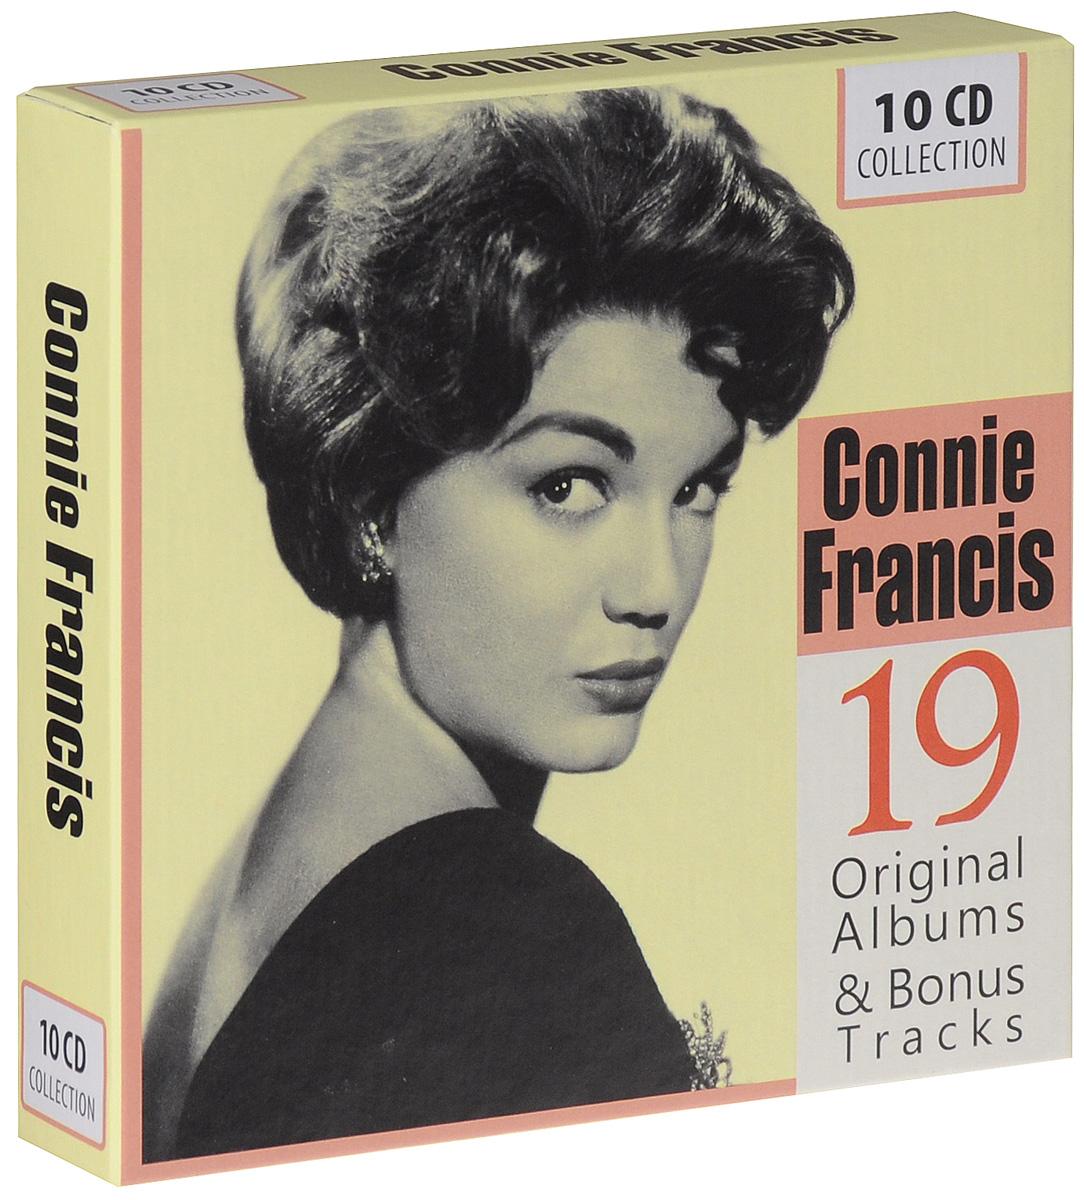 Connie Francis. 19 Original Albums & Bonus Tracks (10 CD)